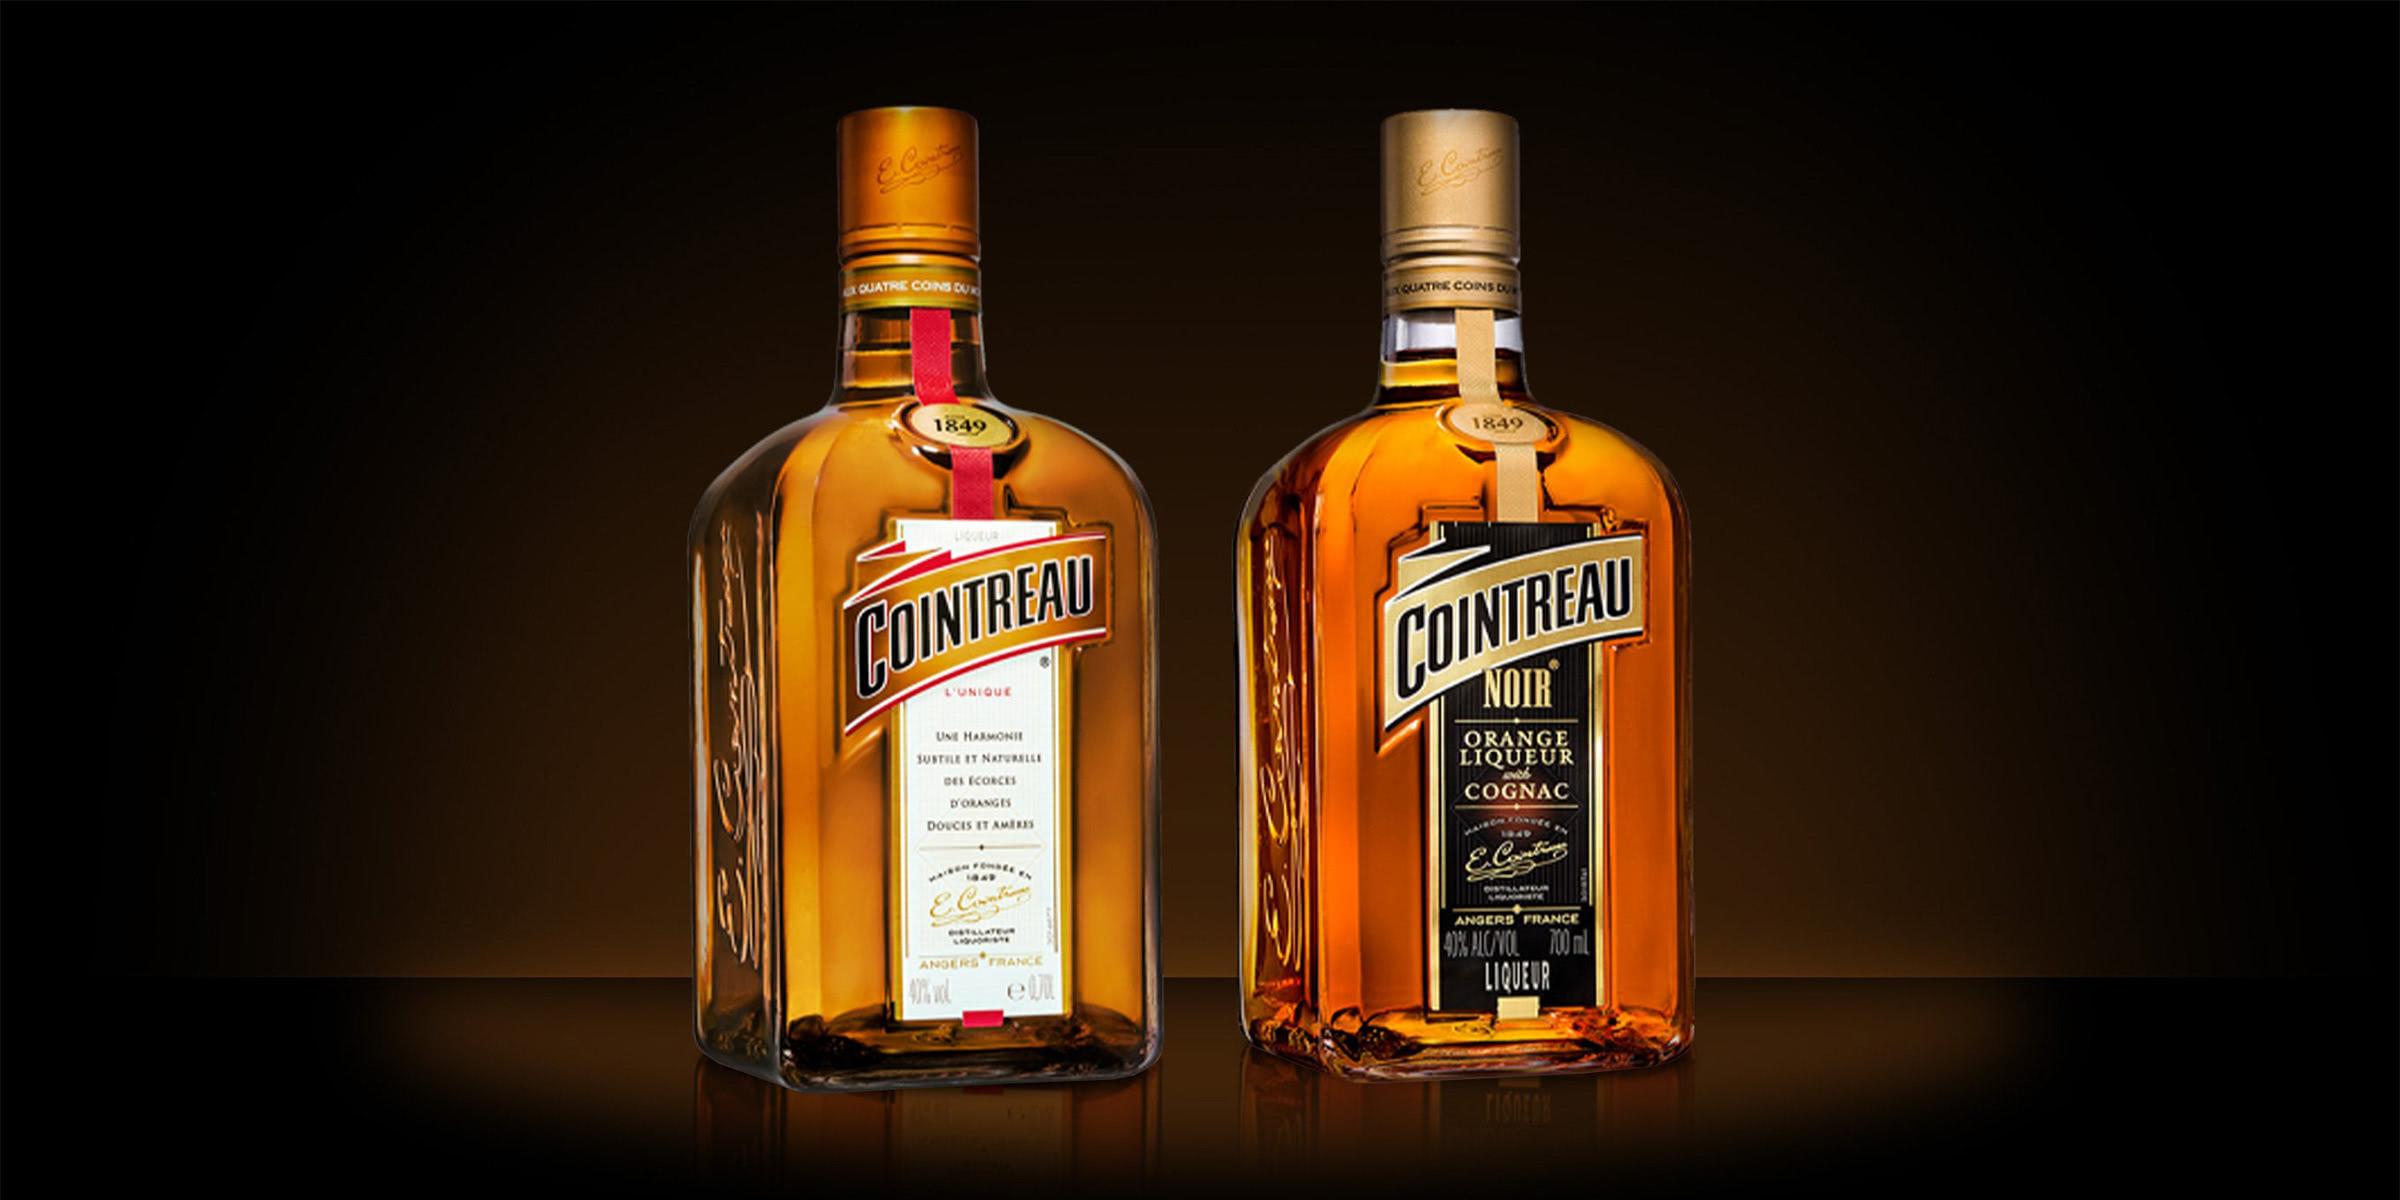 cointreau luxury liquor orange - Luxe Digital